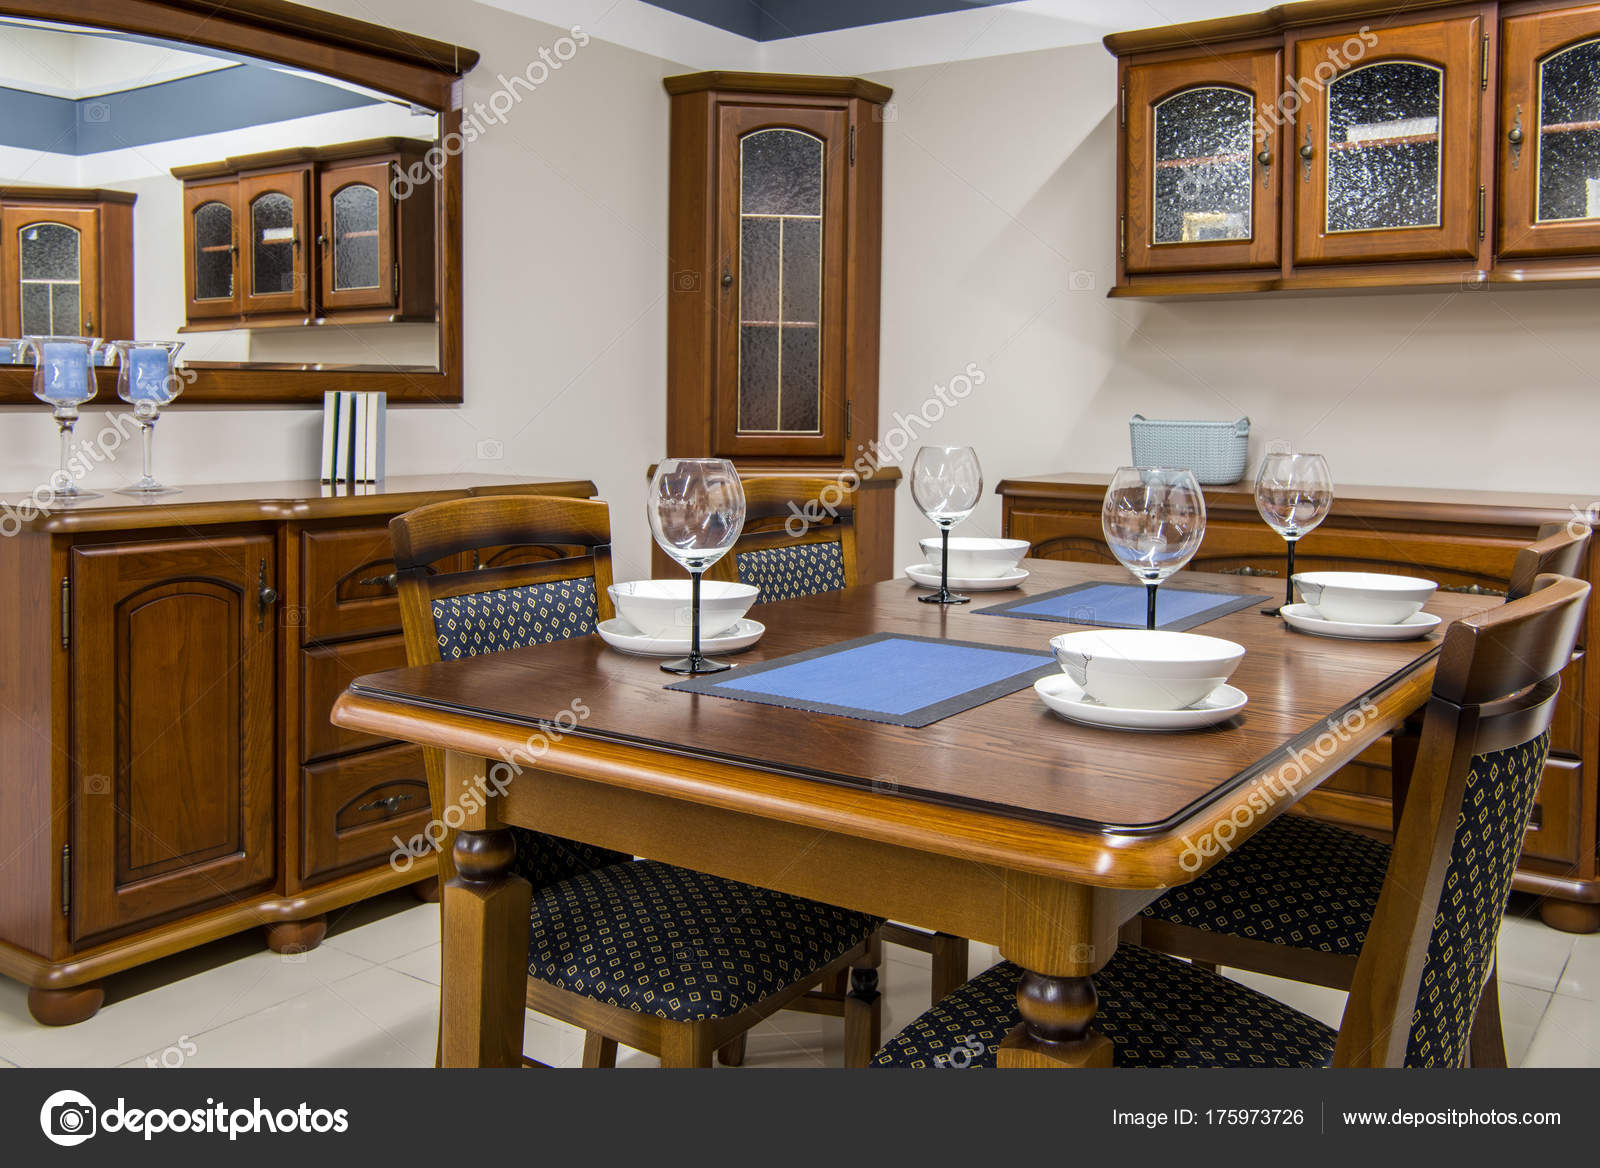 Interior cocina moderna con muebles vajilla foto de stock vitalikradko 175973726 - Muebles para vajilla ...